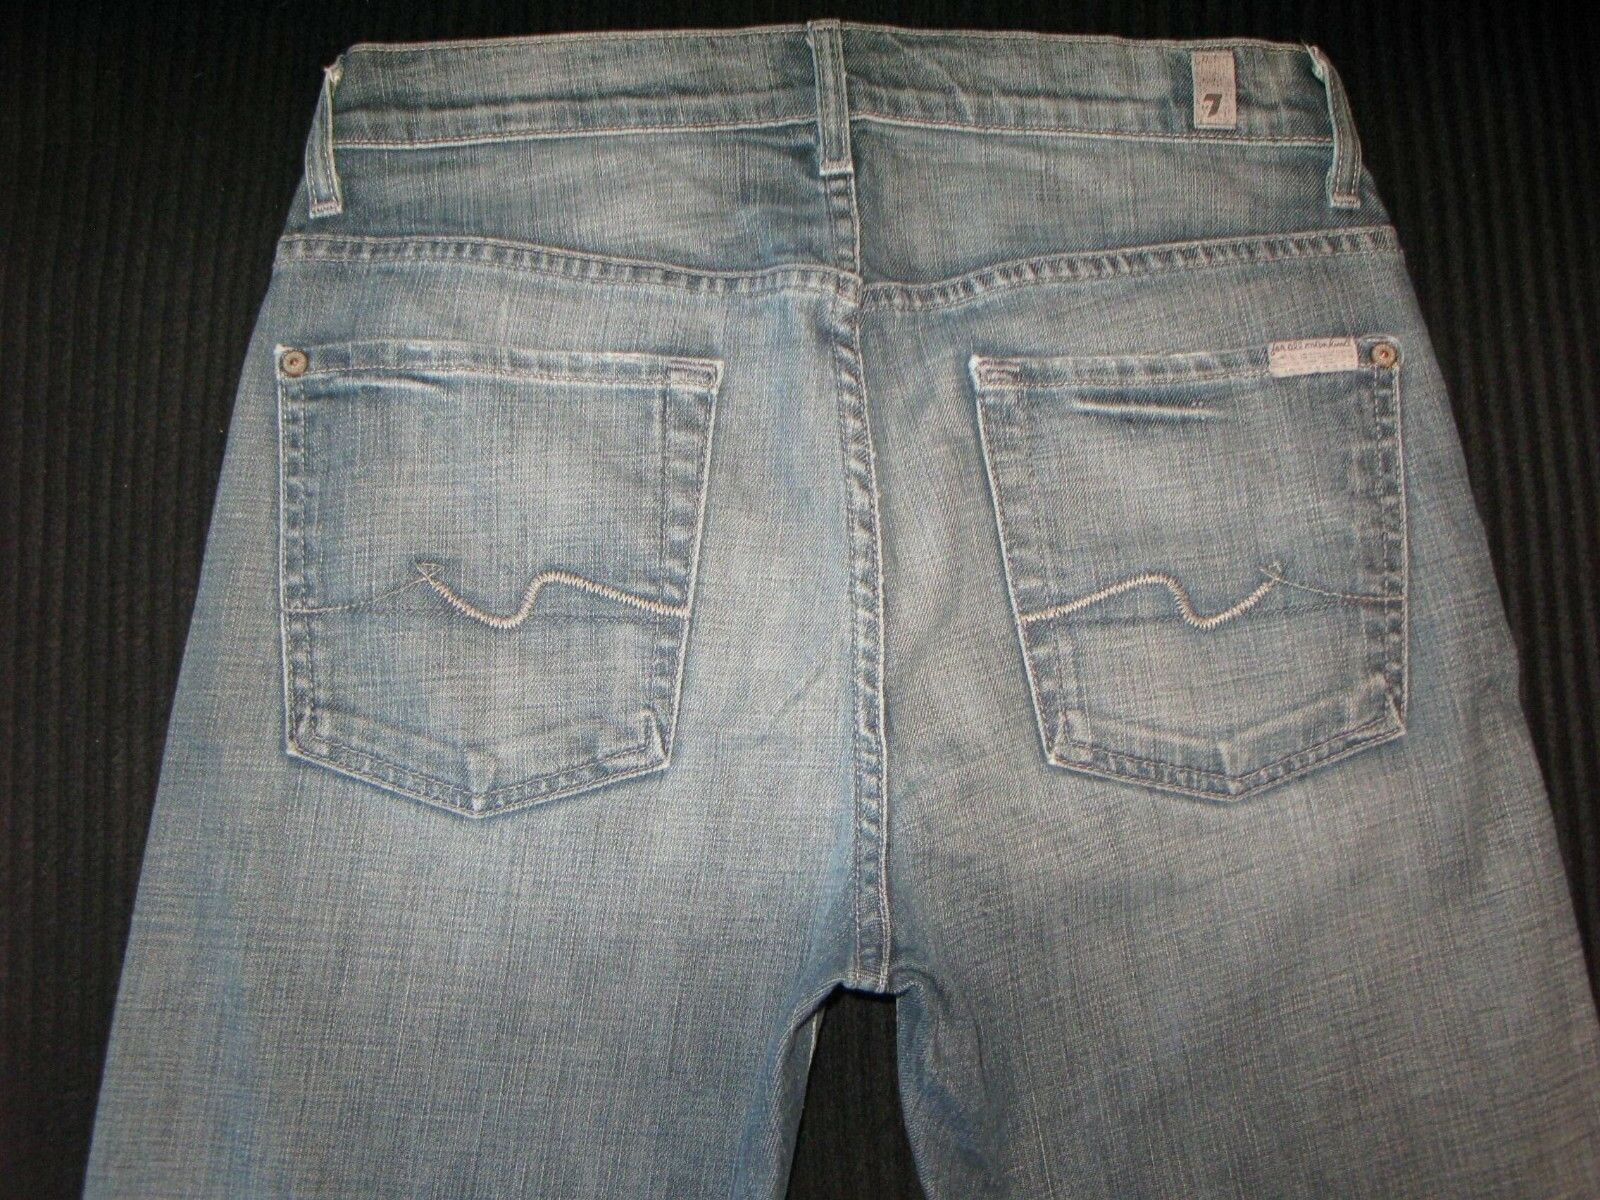 7 für Alle Herren Austyn Jeans Sz 29 X 27 Gerade Bein mit Stretch USA Gemacht  | Fuxin